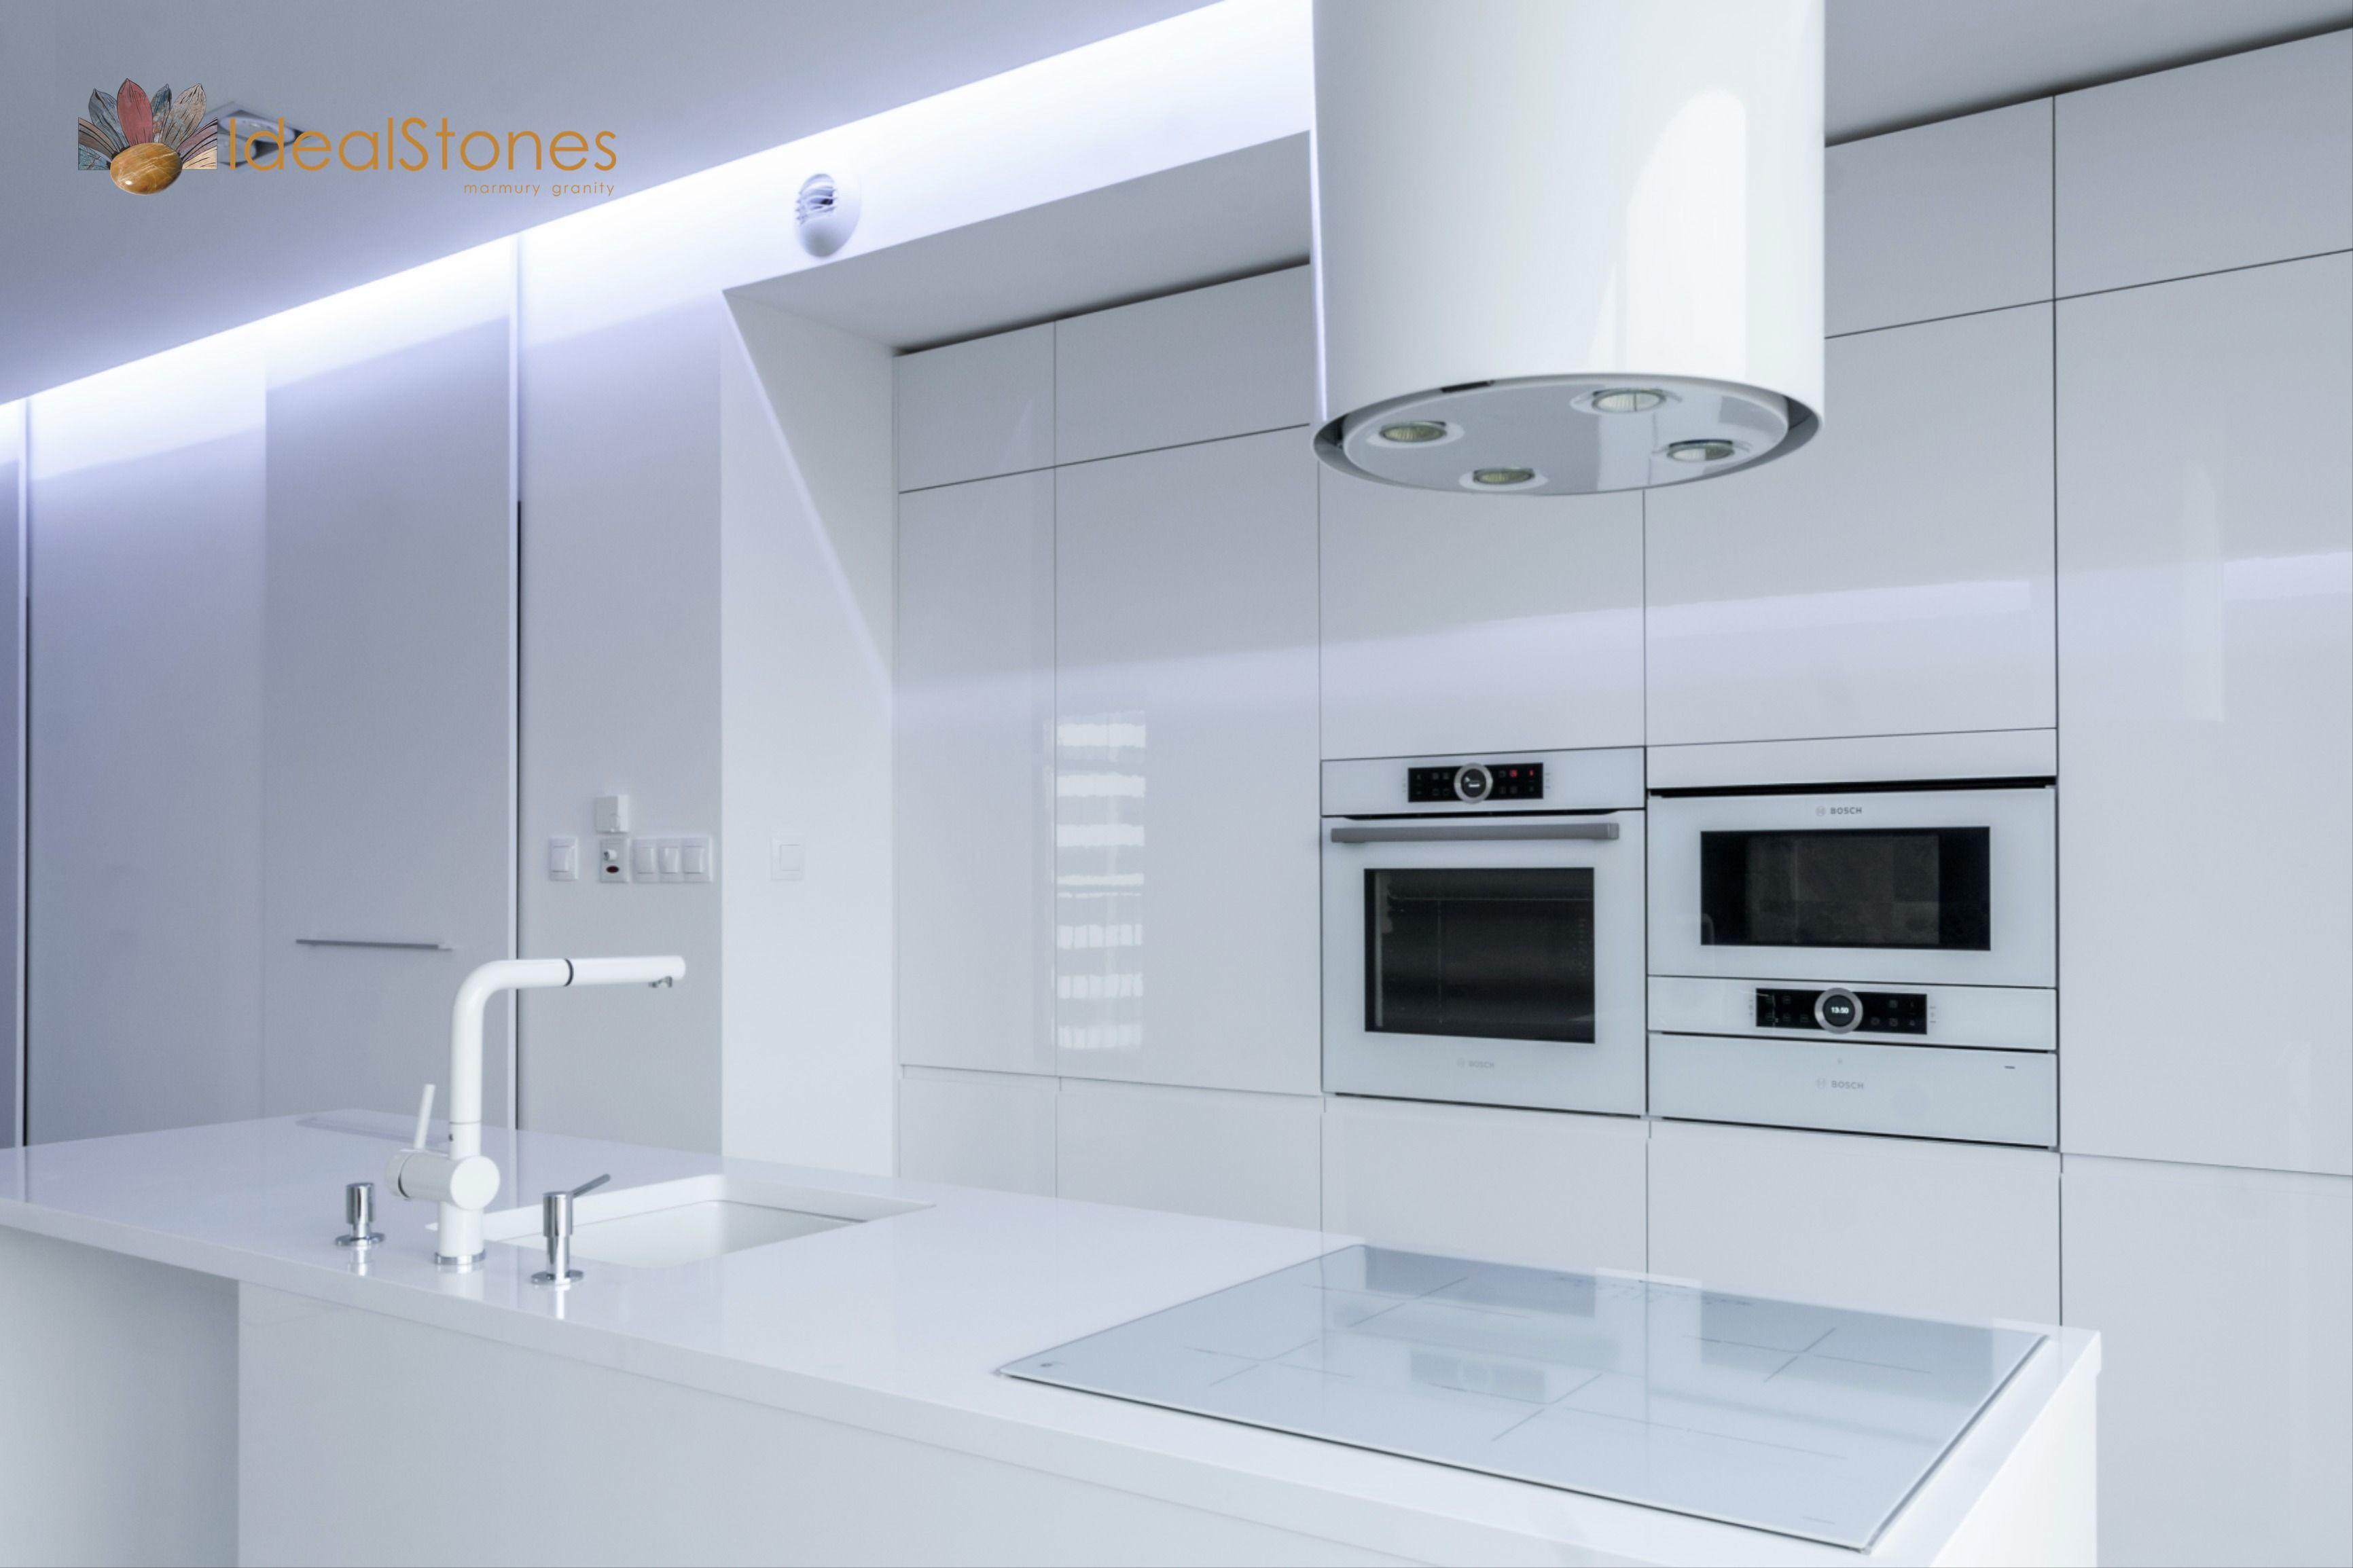 Blat Kamienny Na Wyspe Kuchenna Z Bialego Kwarcytu Ideal Bianco Lighted Bathroom Mirror Bathroom Mirror Bathroom Lighting